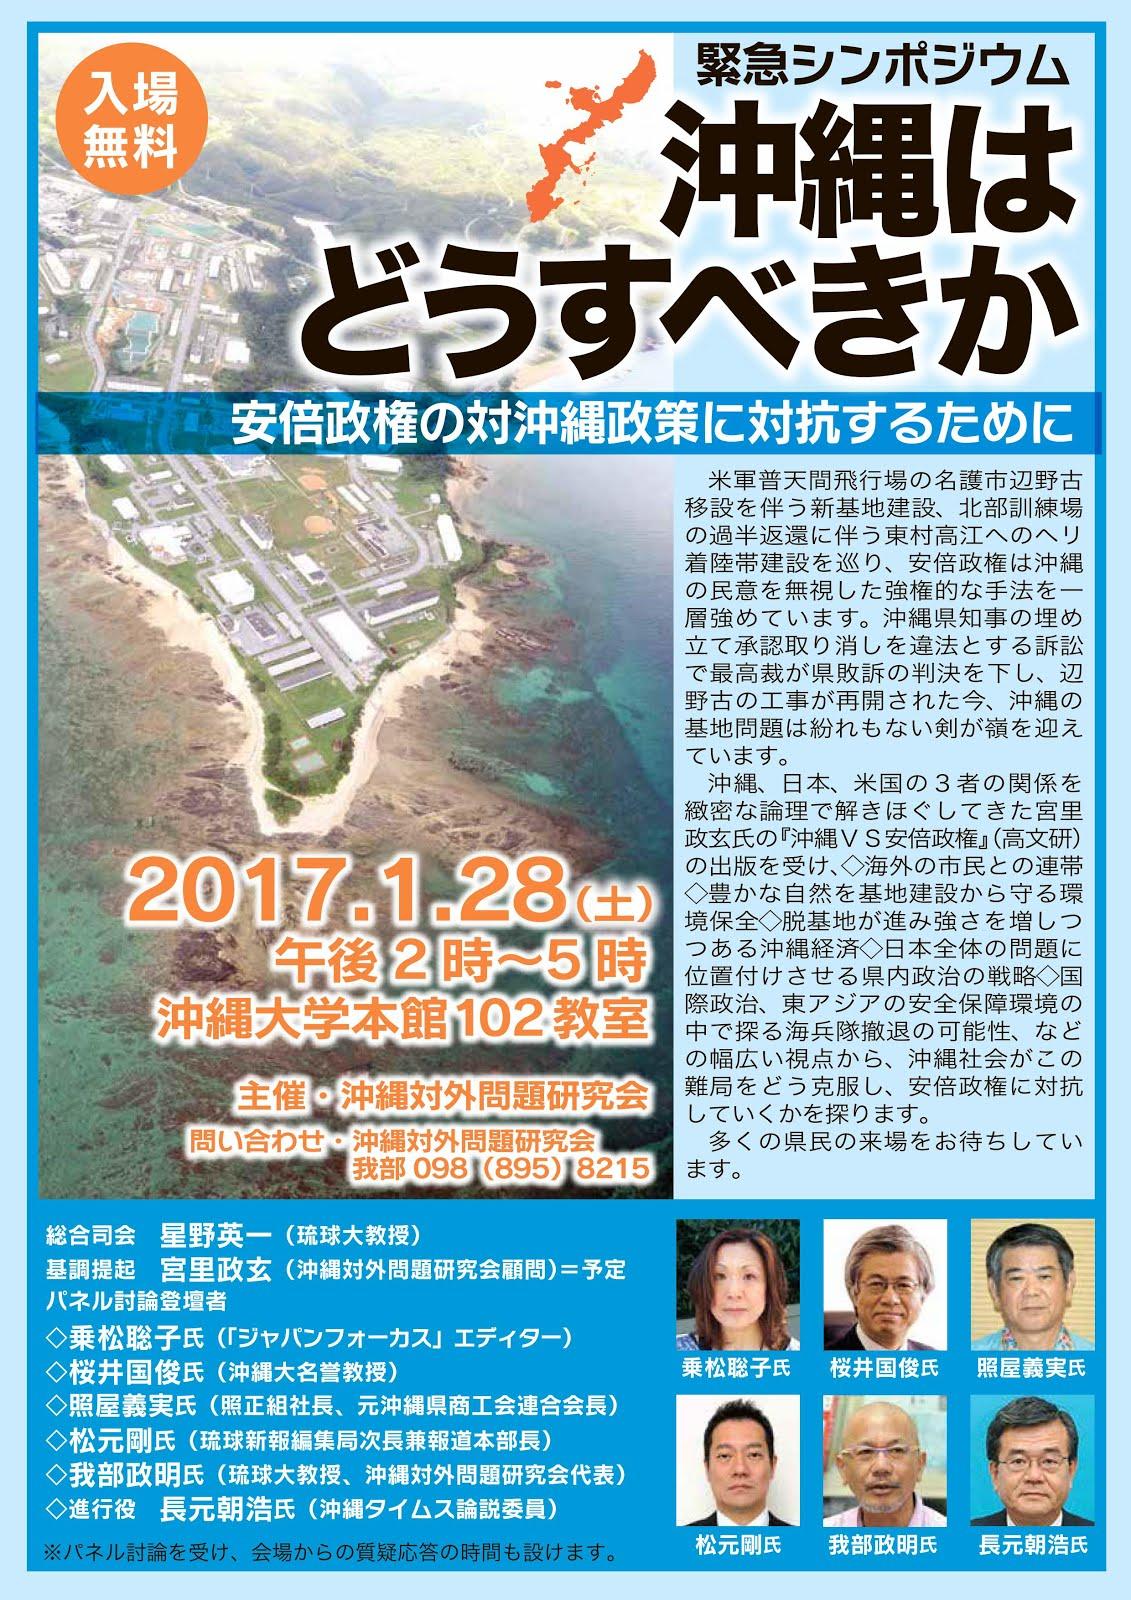 1月28日沖縄大学にてシンポジウム「沖縄はどうすべきか」